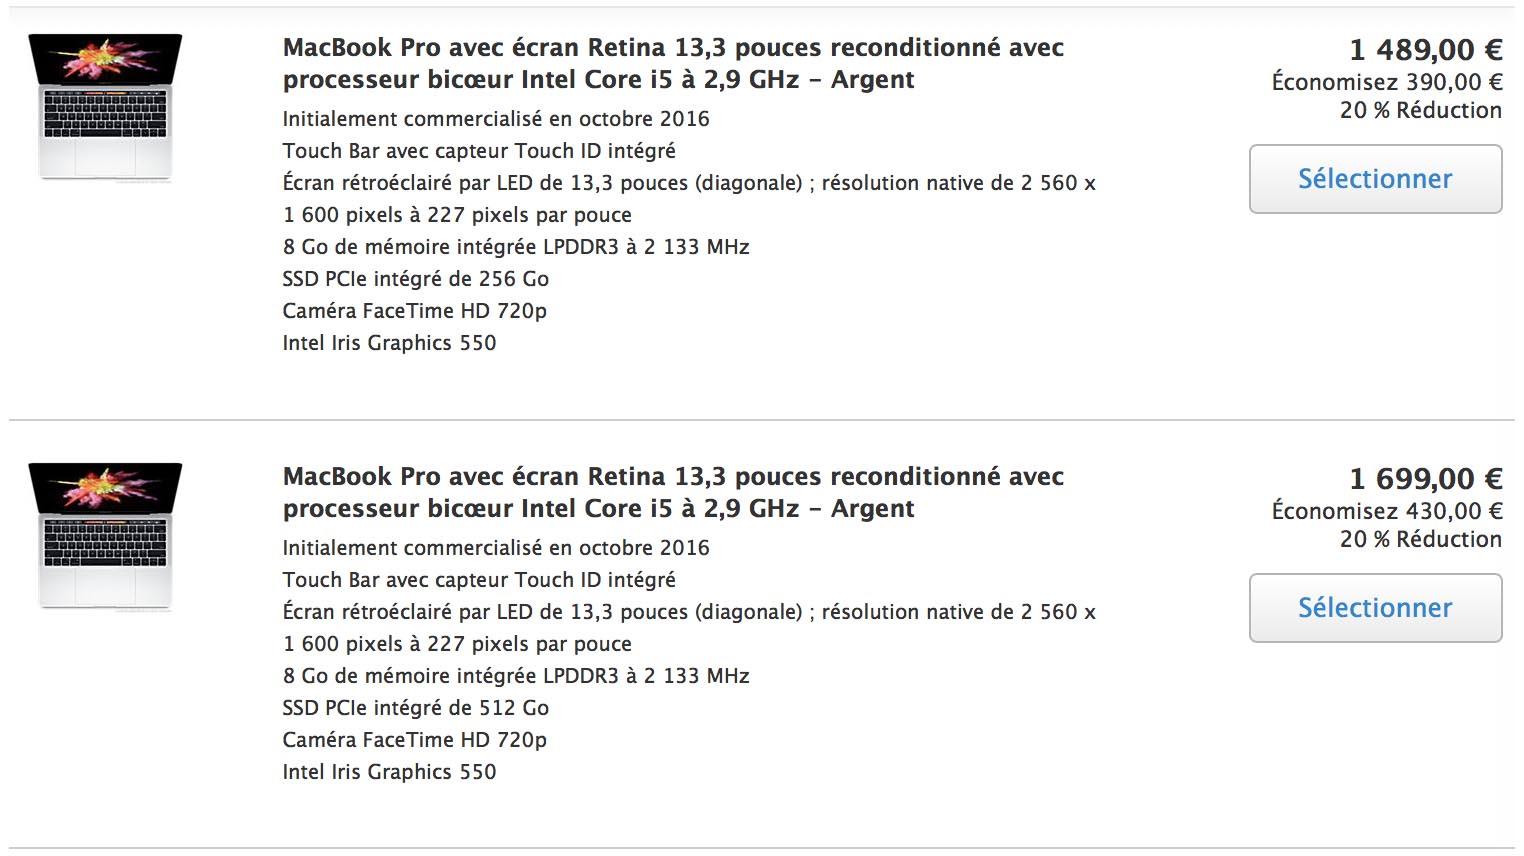 Refurb MacBook